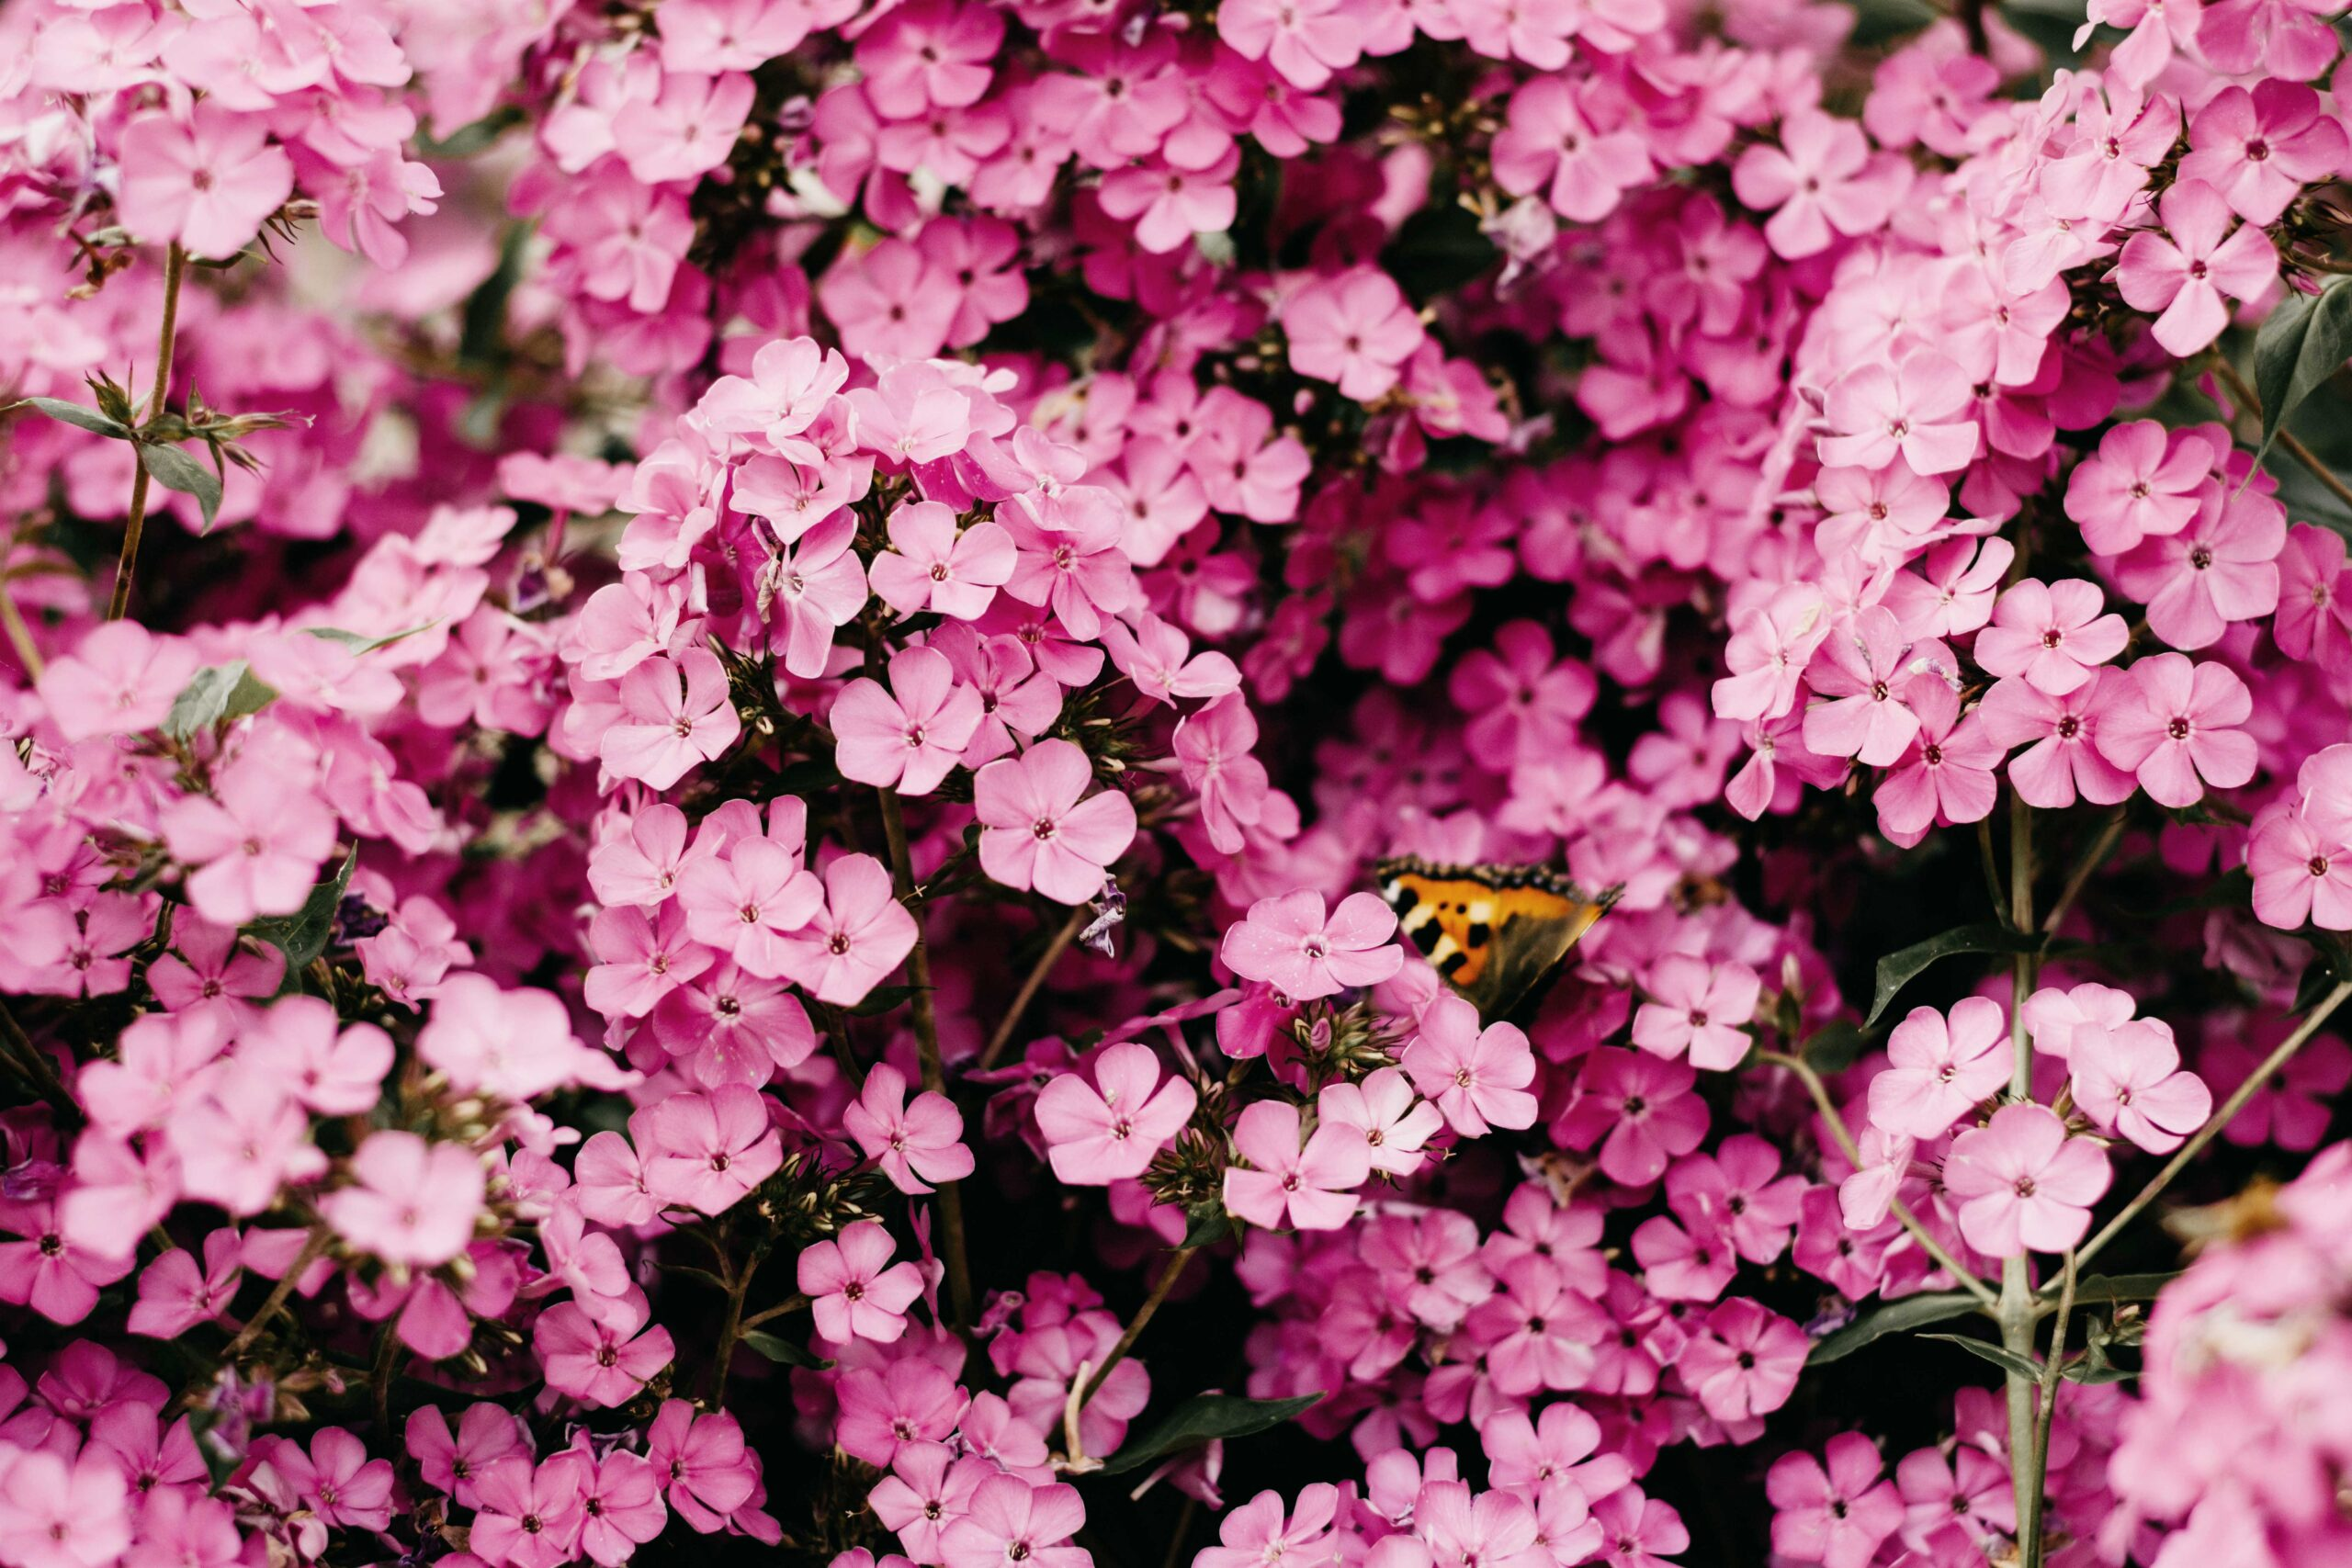 Pinke Blumen mit Schmetterling